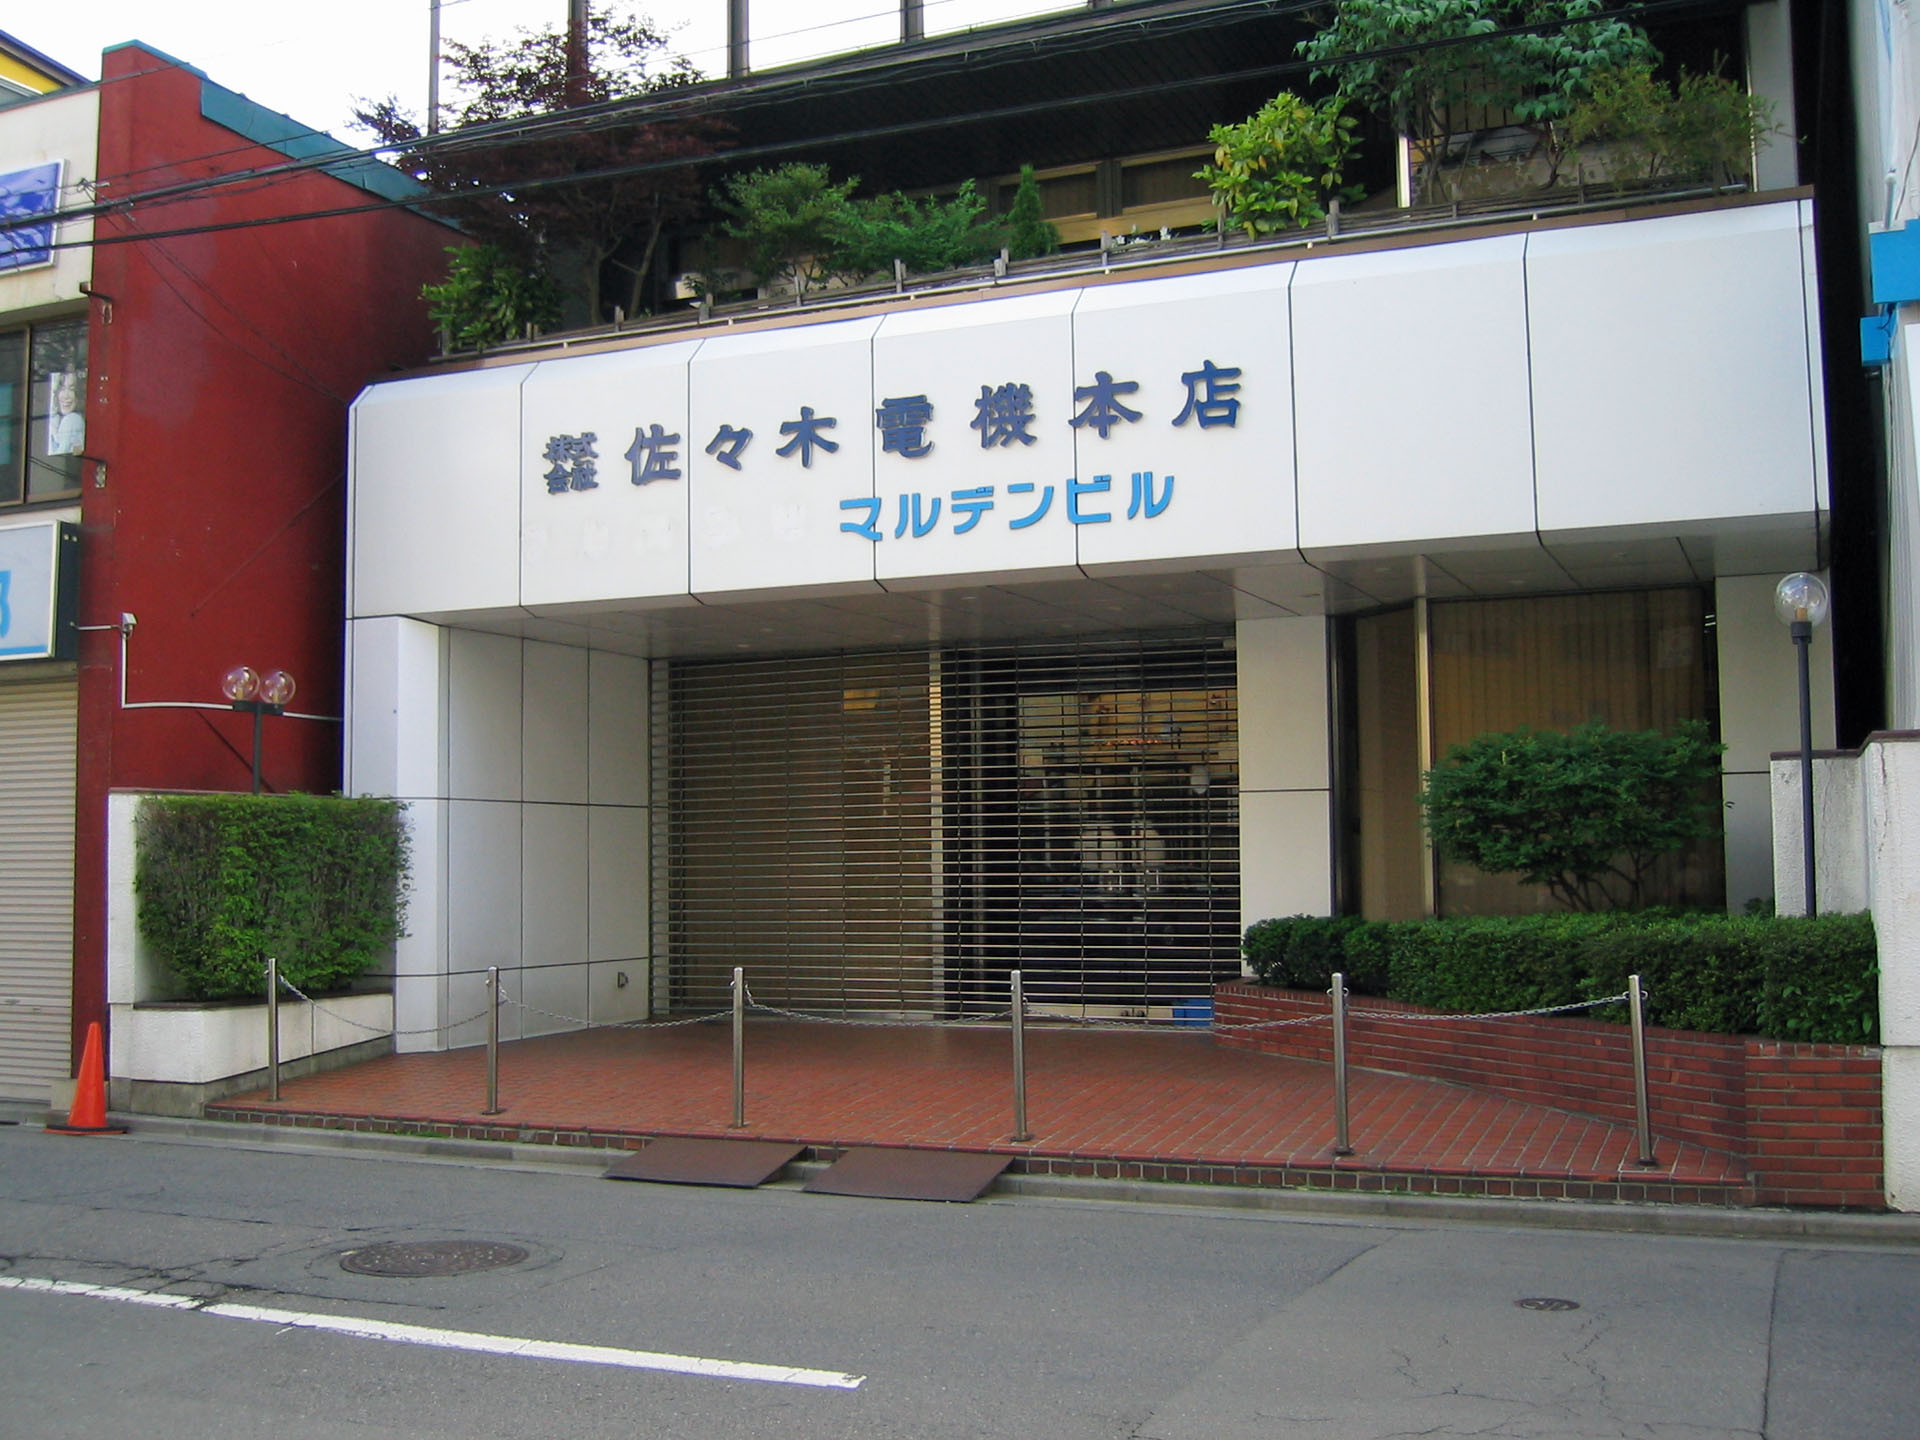 佐々木電機本店 マルデンビル